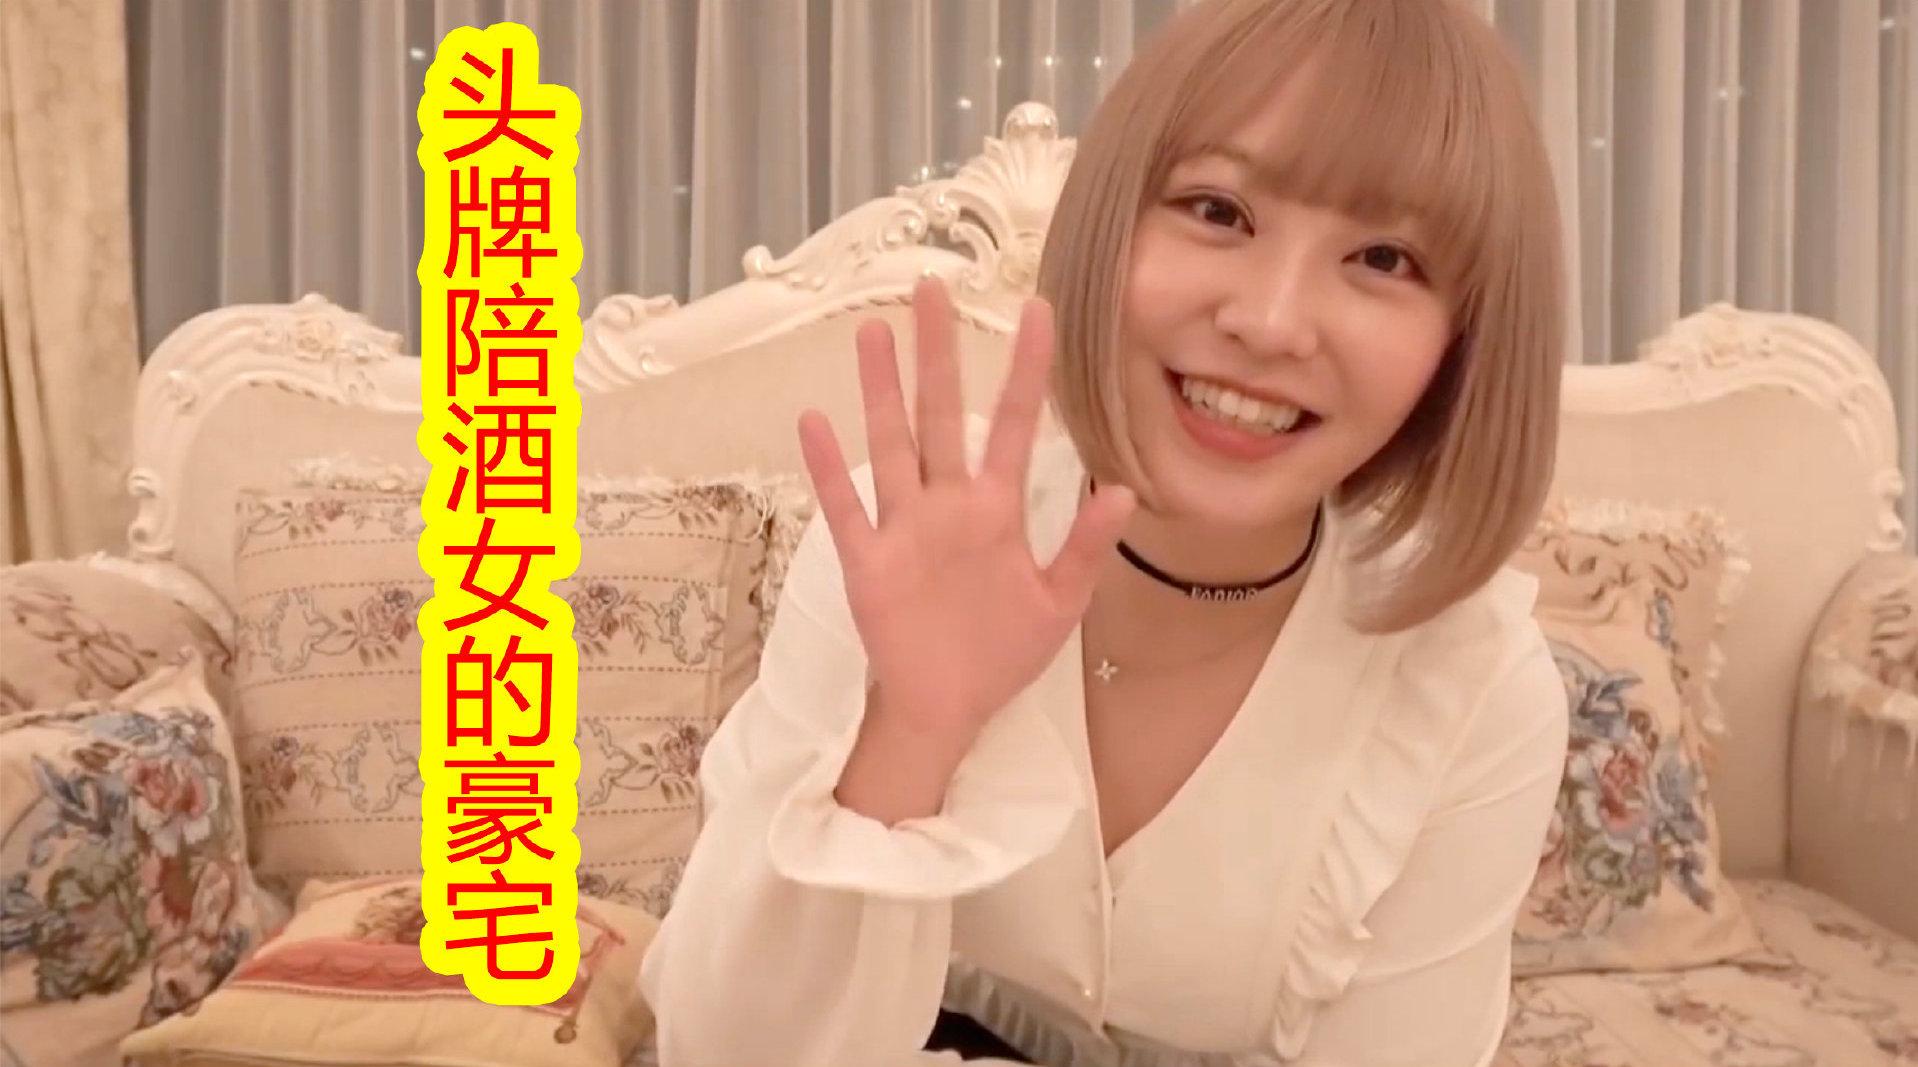 探访日本头牌陪酒女爱泽emiri的豪宅!